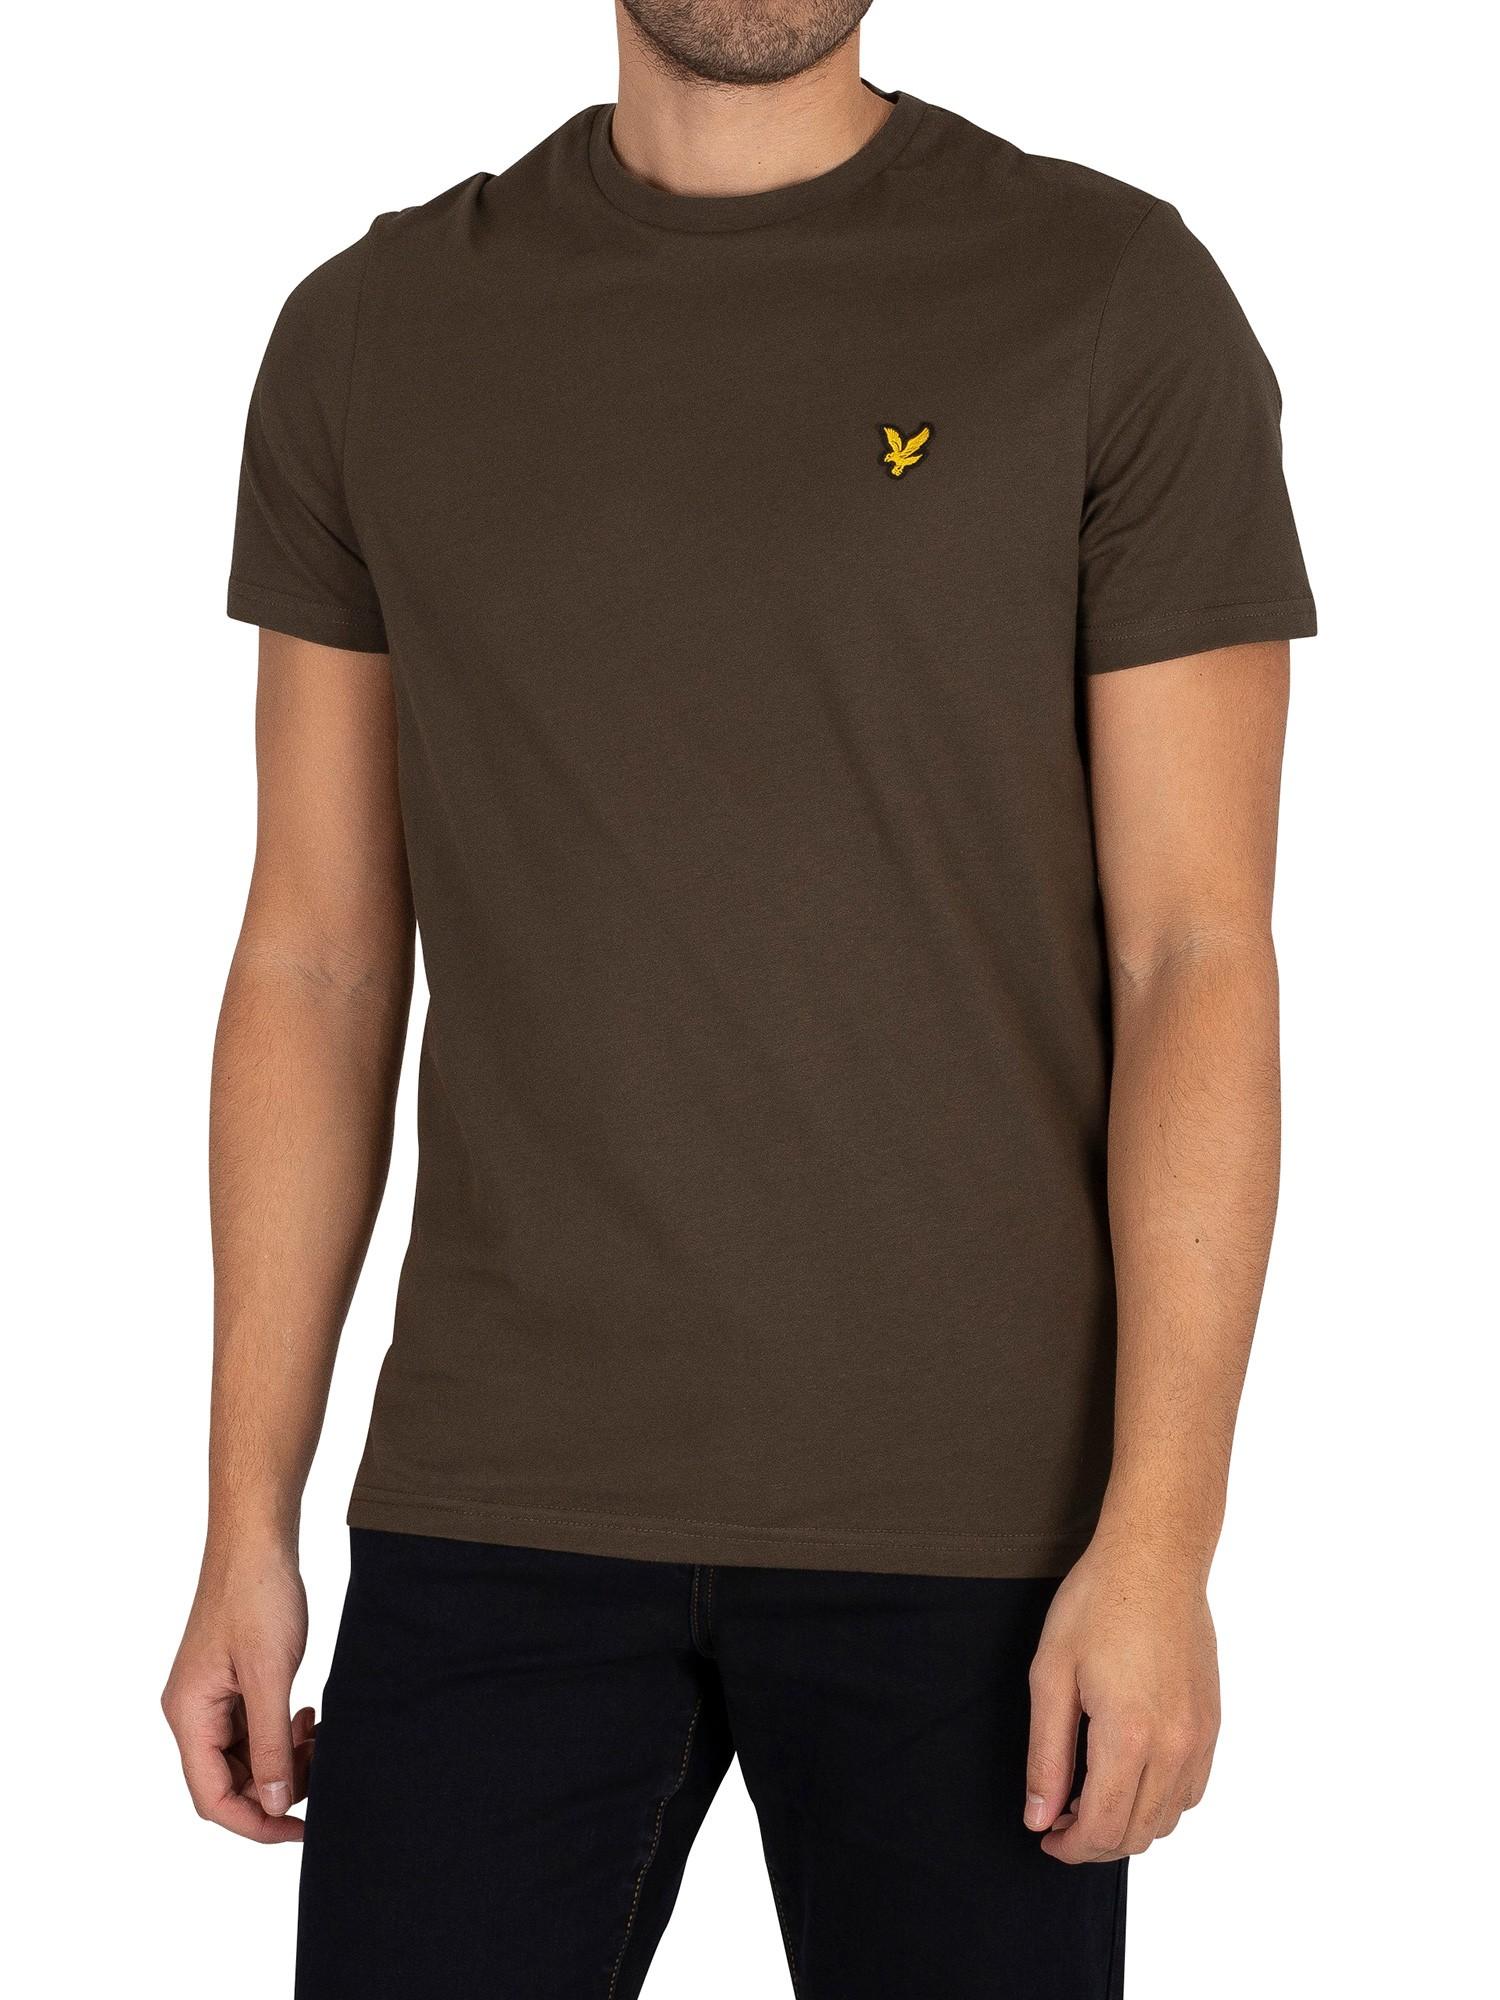 Plain-Organic-Cotton-TShirt